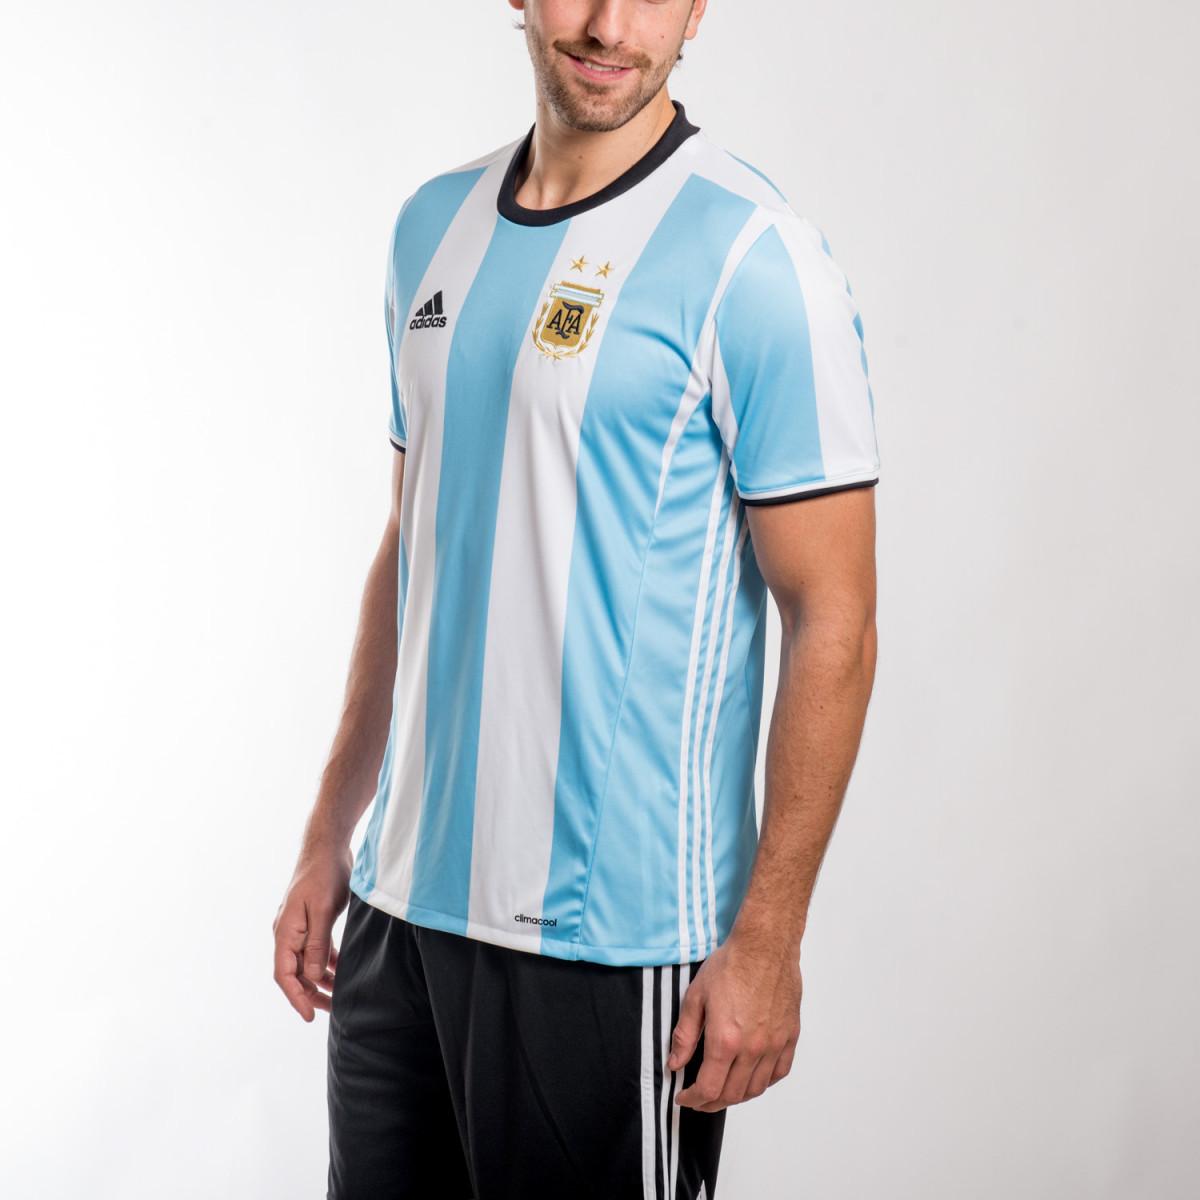 b68a60d788 Camiseta Adidas Argentina Afa Titular 2016